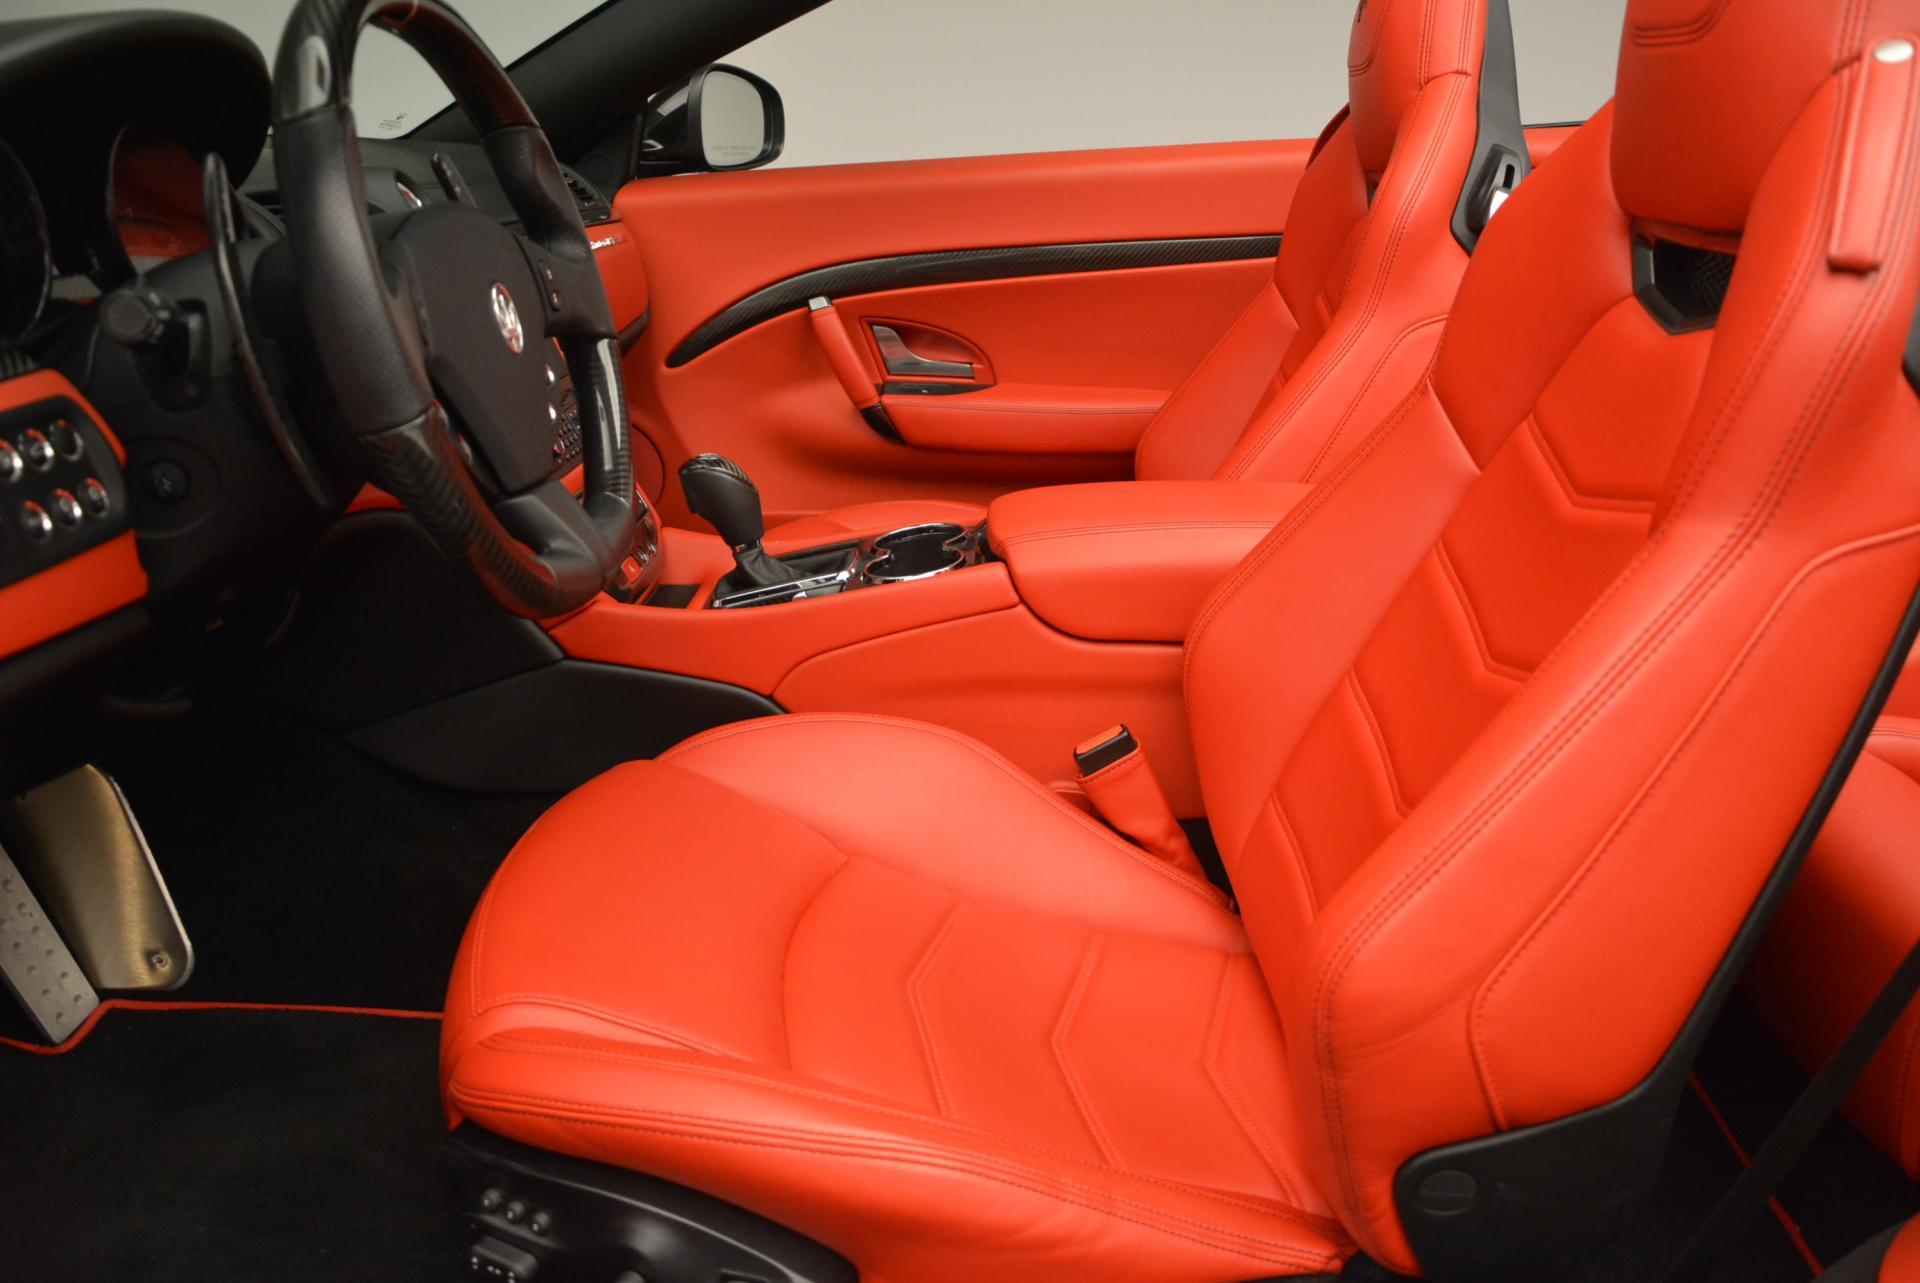 Used 2013 Maserati GranTurismo MC For Sale In Greenwich, CT. Alfa Romeo of Greenwich, 7081 521_p23